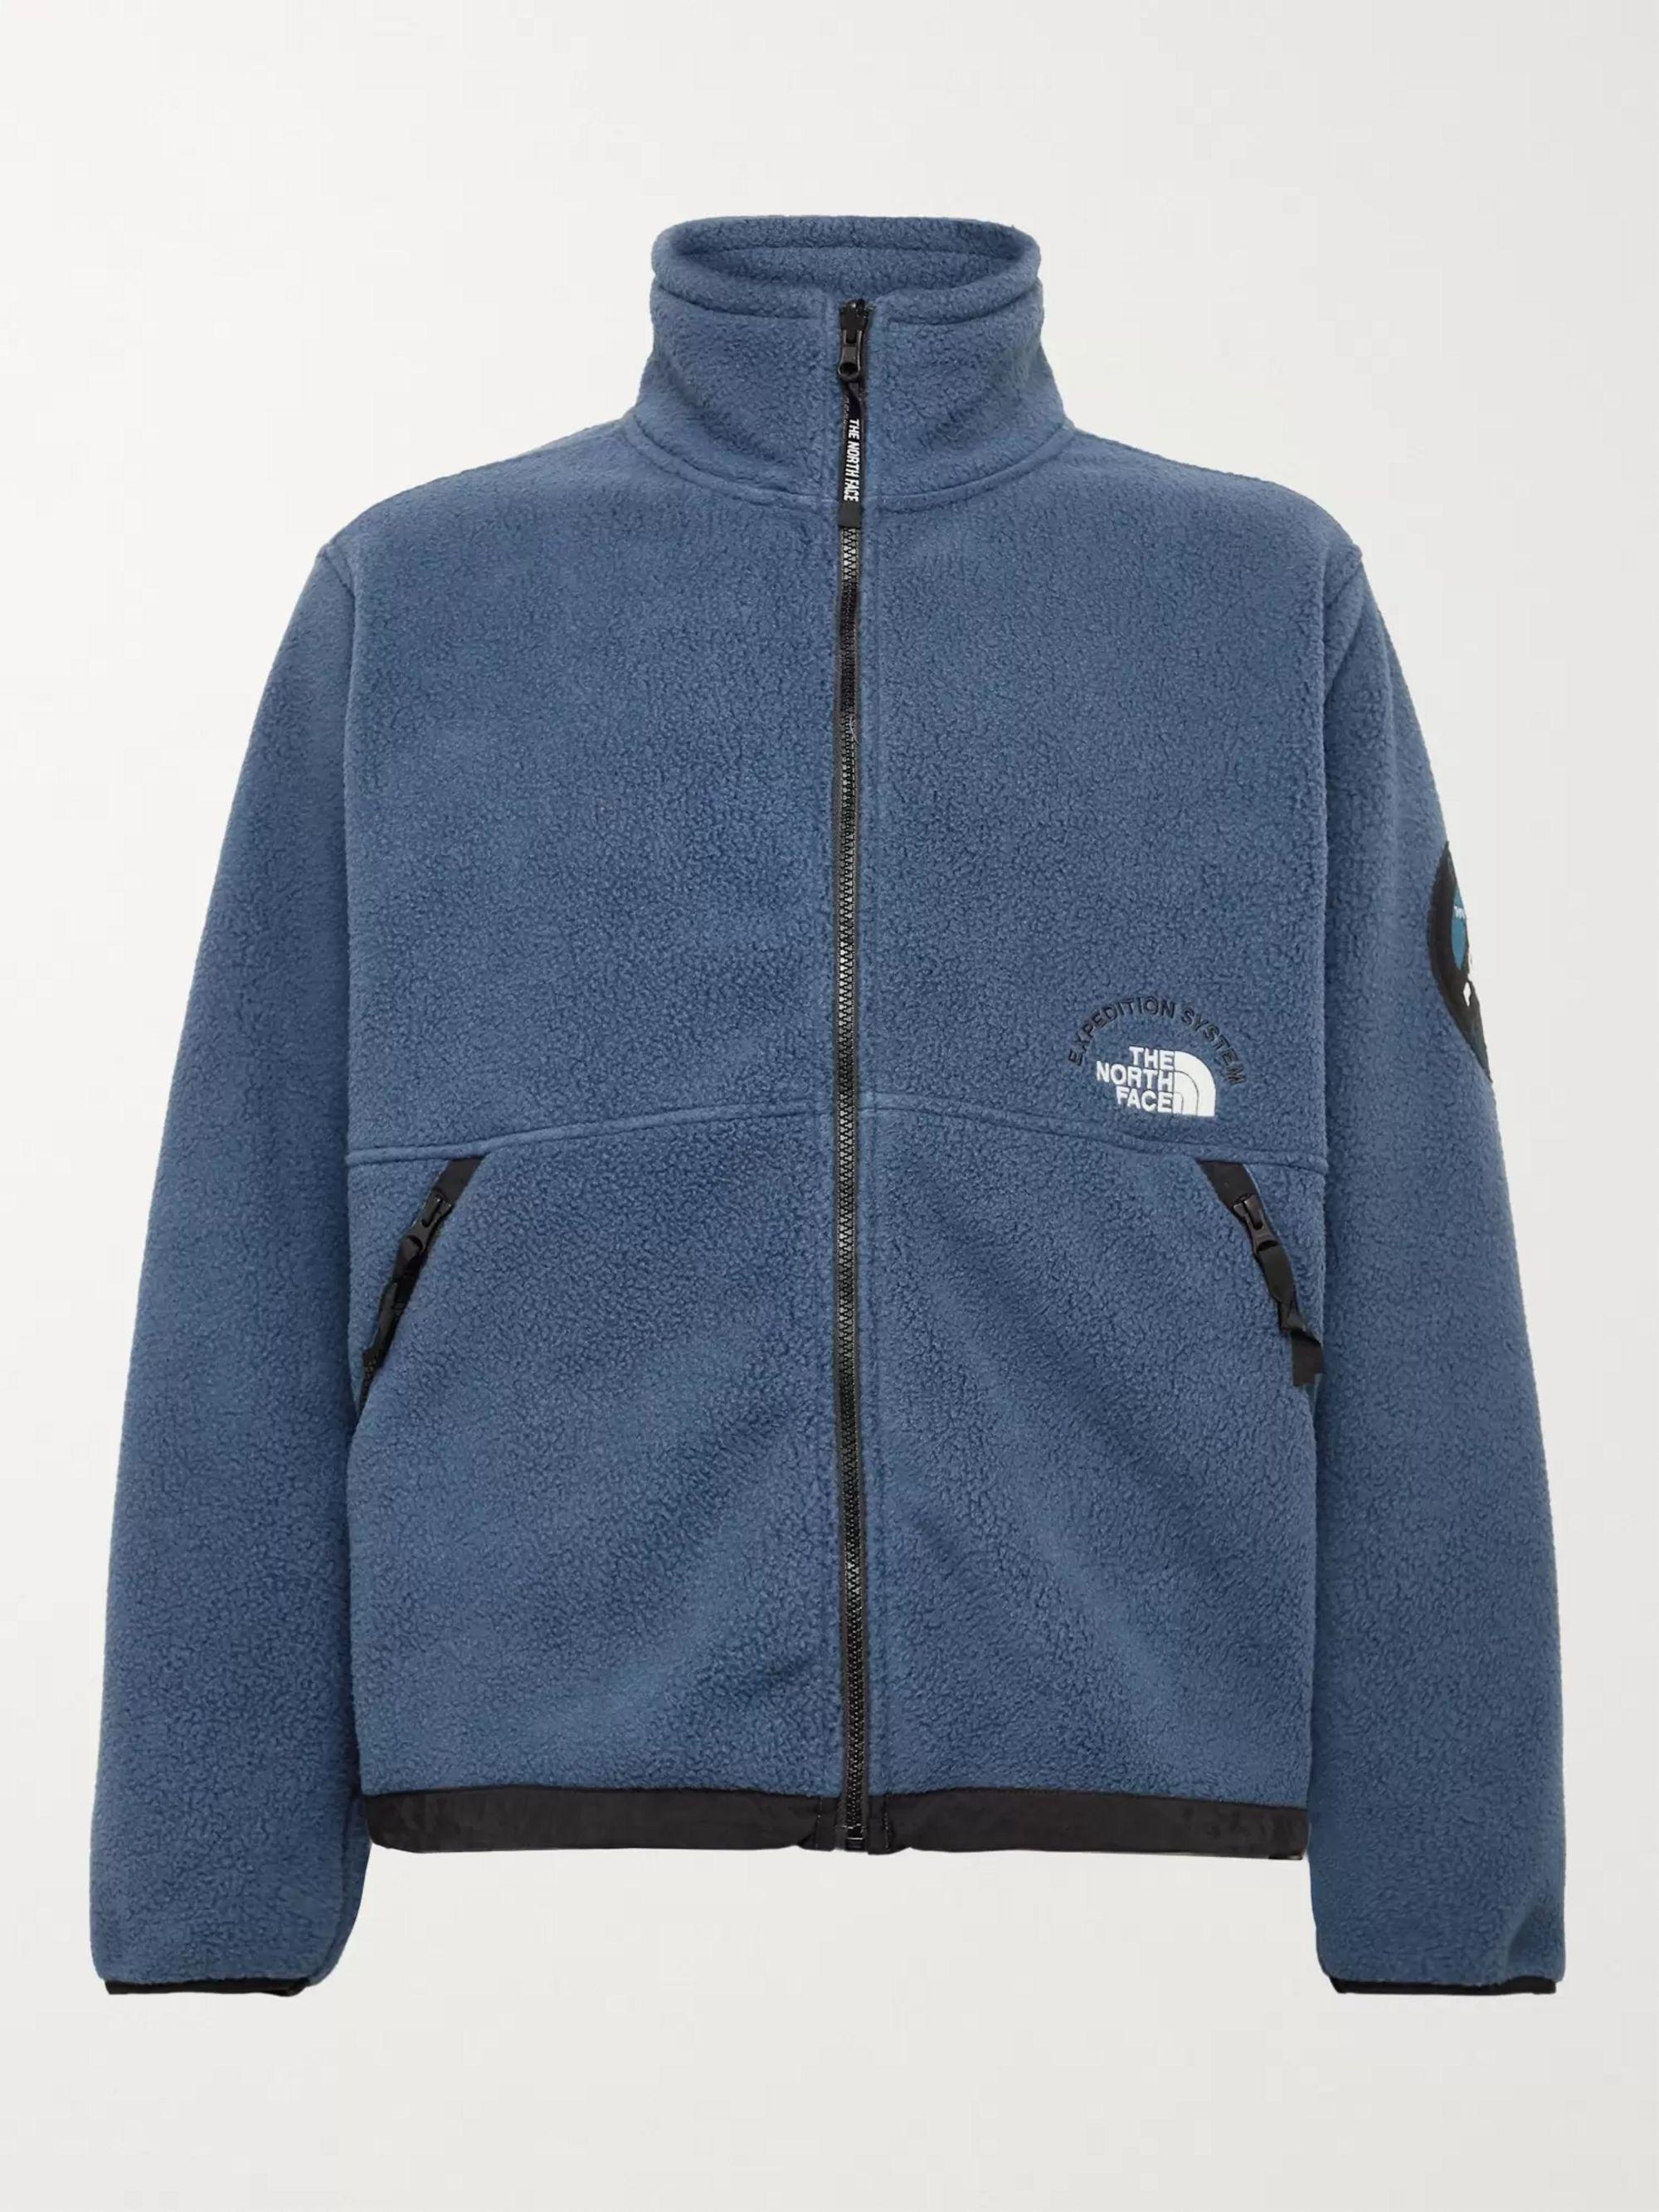 The North Face NSE Pumori Expedition Logo-Embroidered Polartec Fleece Jacket